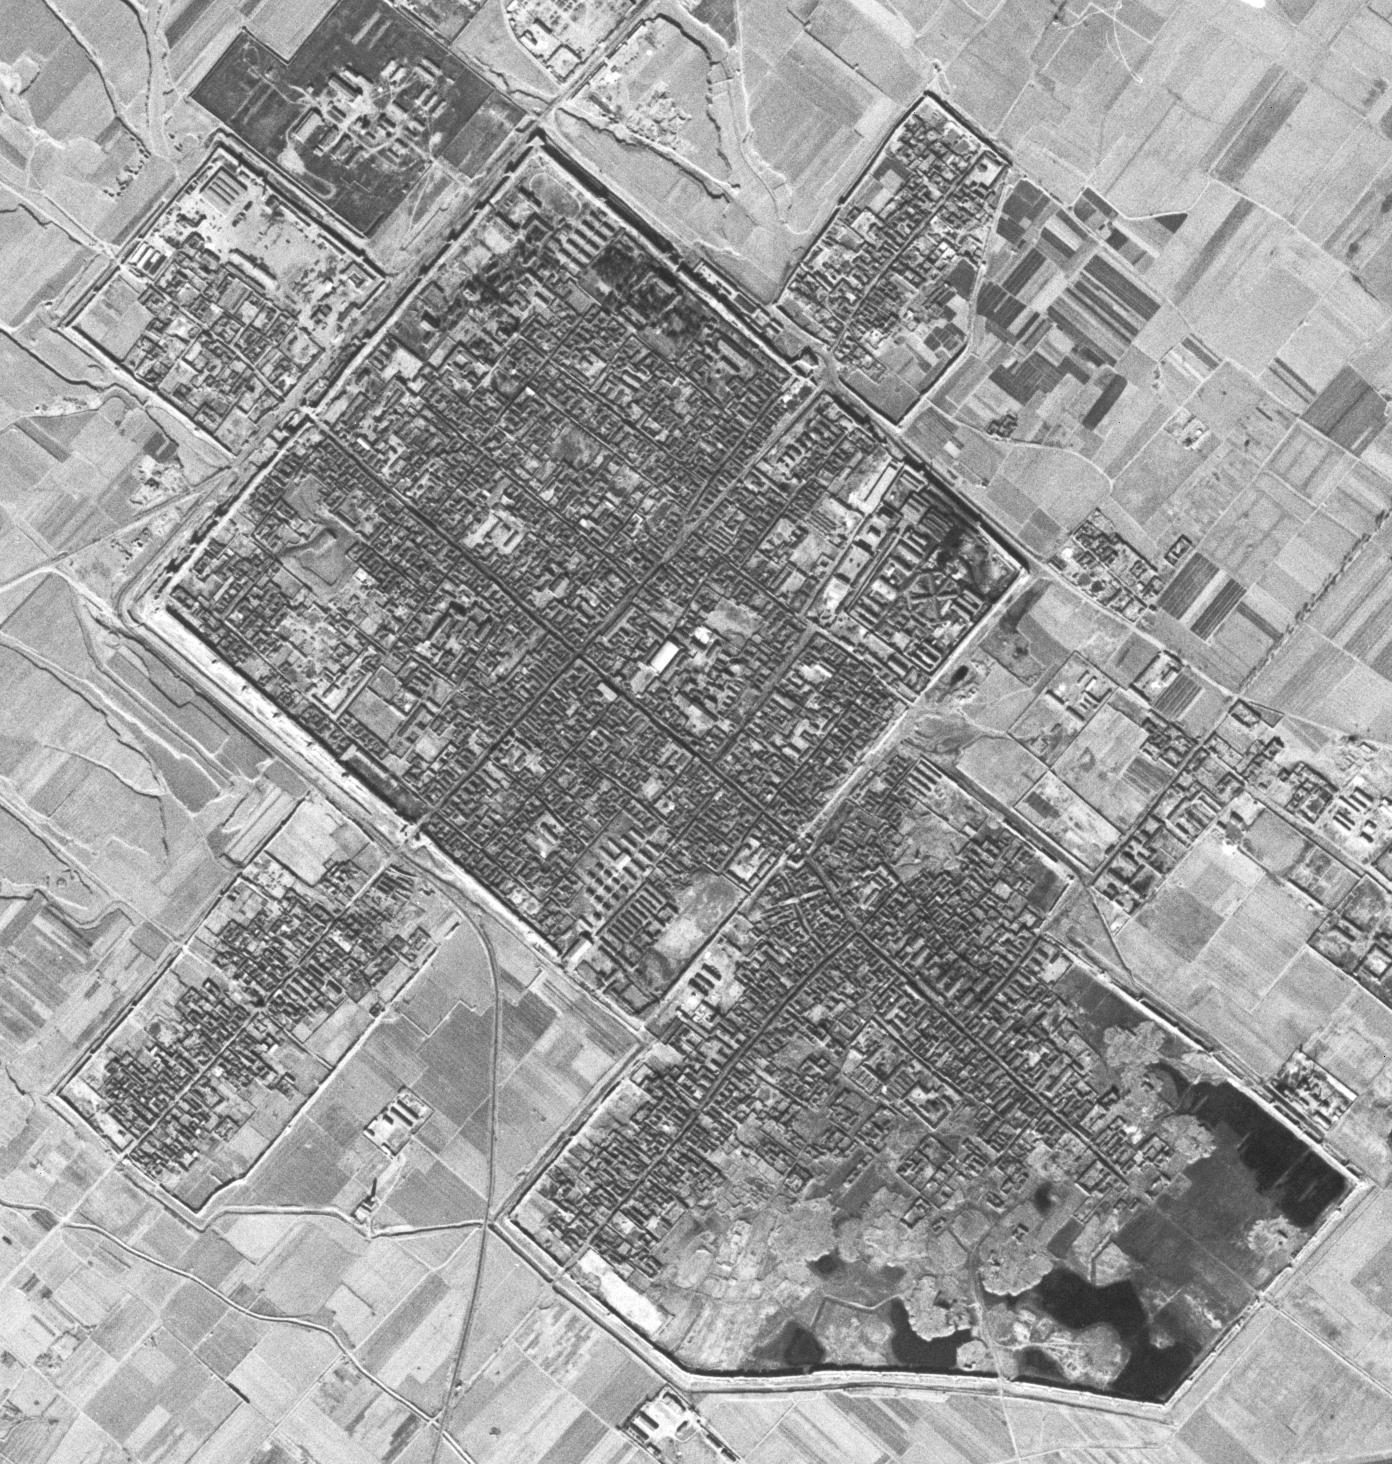 如何下载 50 年前自己家乡的高清卫星照片